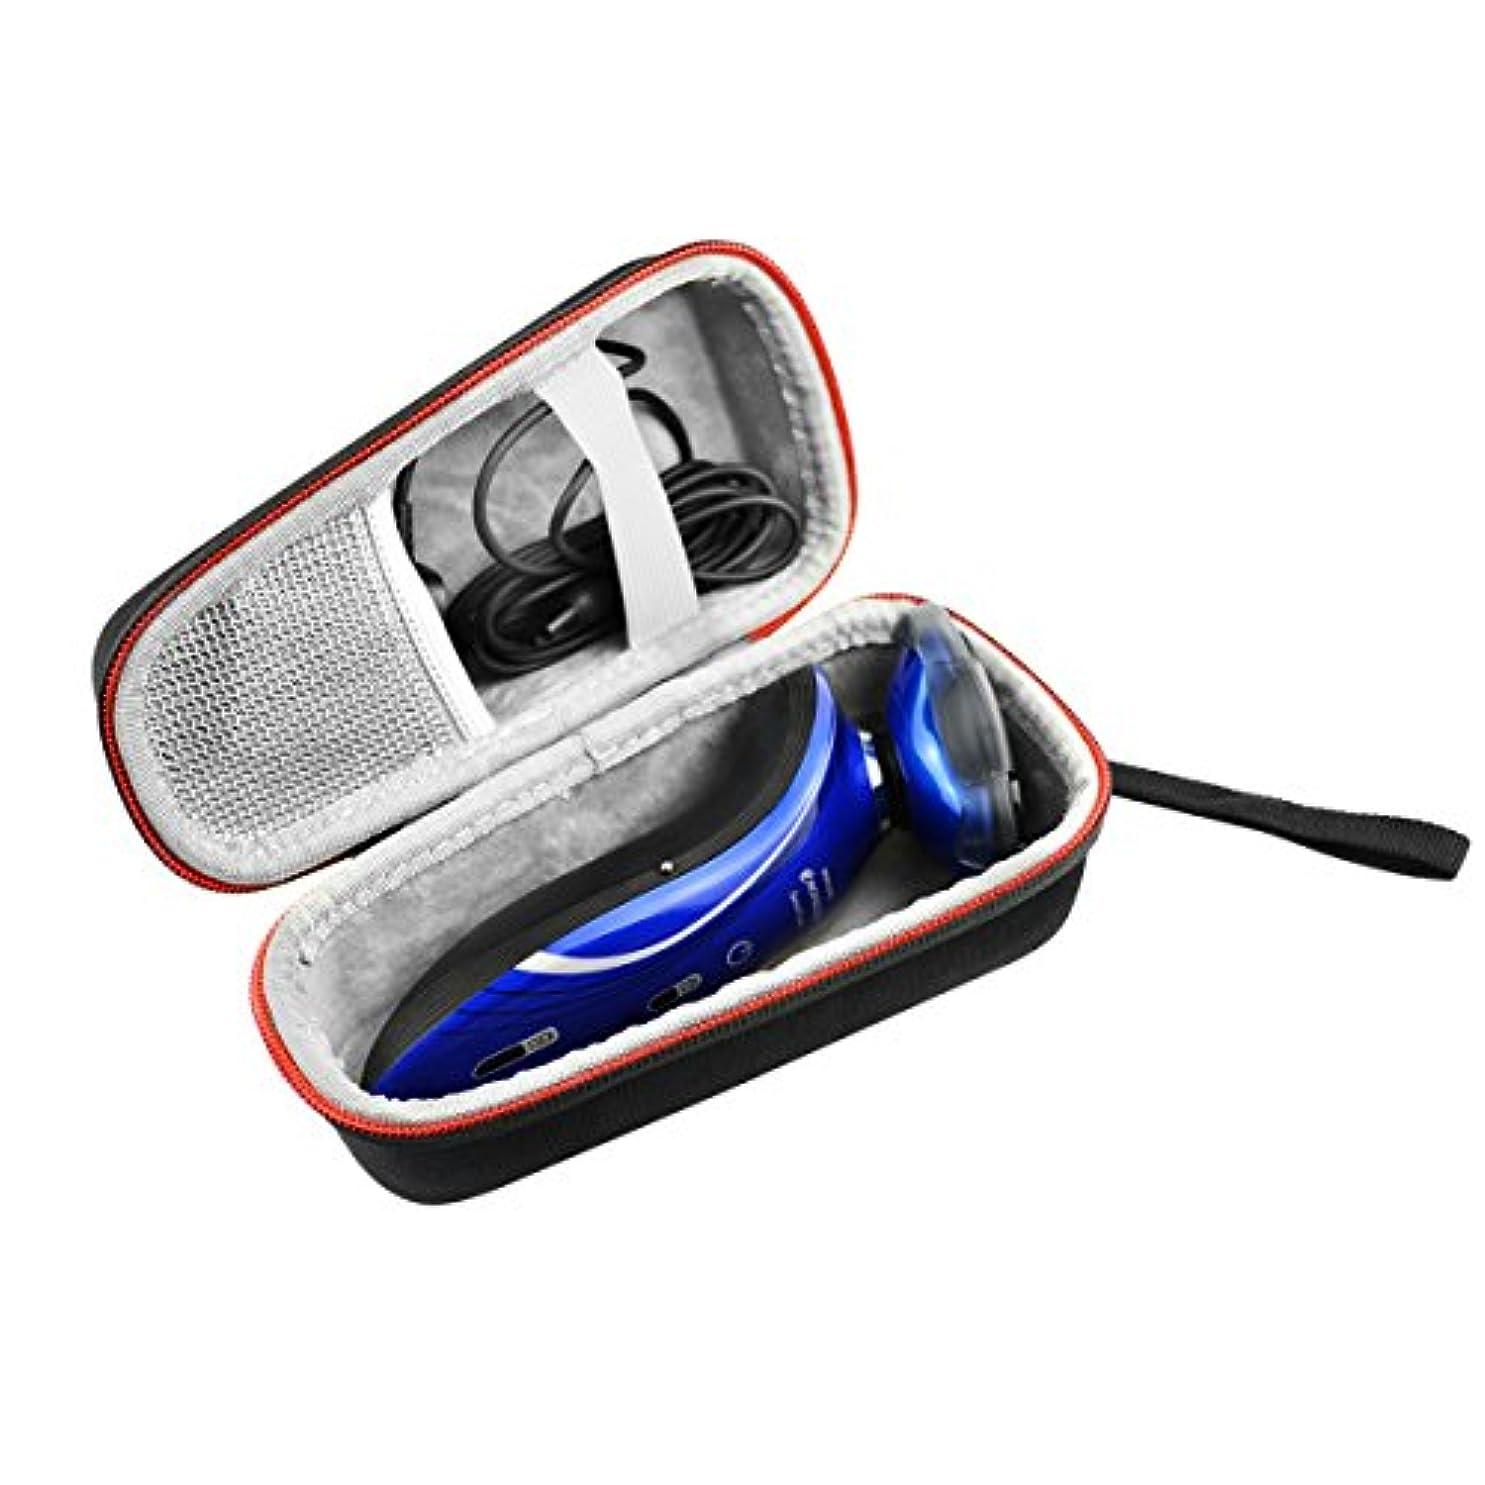 西資料不振Philips フィリップス メンズシェーバー 5000シリーズ S5390/26 S5390/12 S5397/12 S5076/06 S5212/12 S5272/12 S5251/12 S5075/06 S5050/05 スーパー便利な ハードケースバッグ 専用旅行収納 対応 AONKE